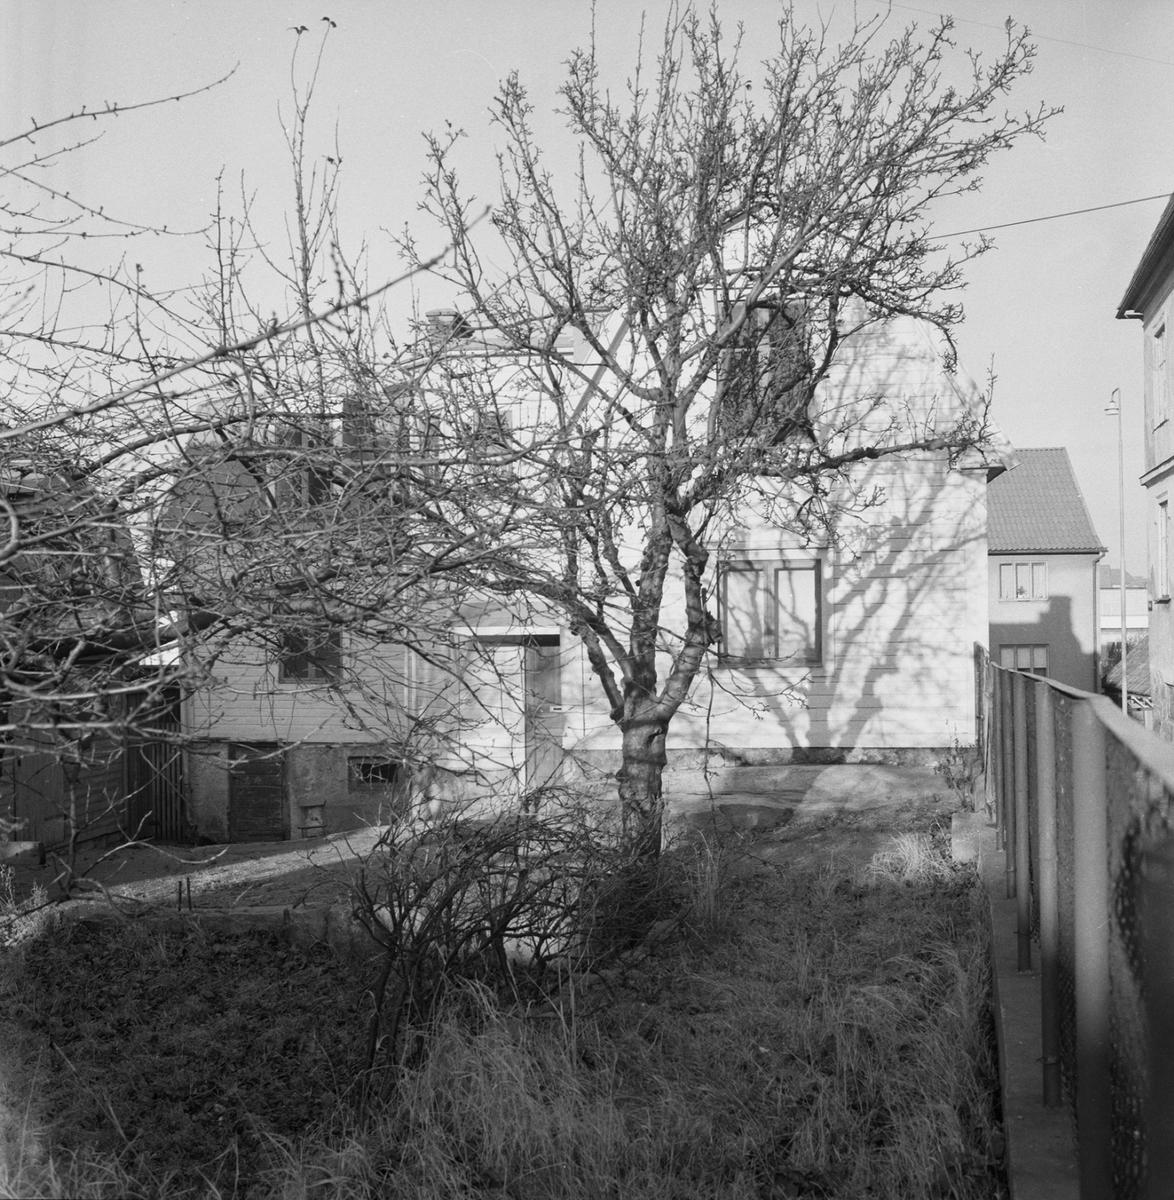 Övrigt: Fotodatum:5/12 1962. Byggnader och Kranar. Tomt i Galergatan 15 ext